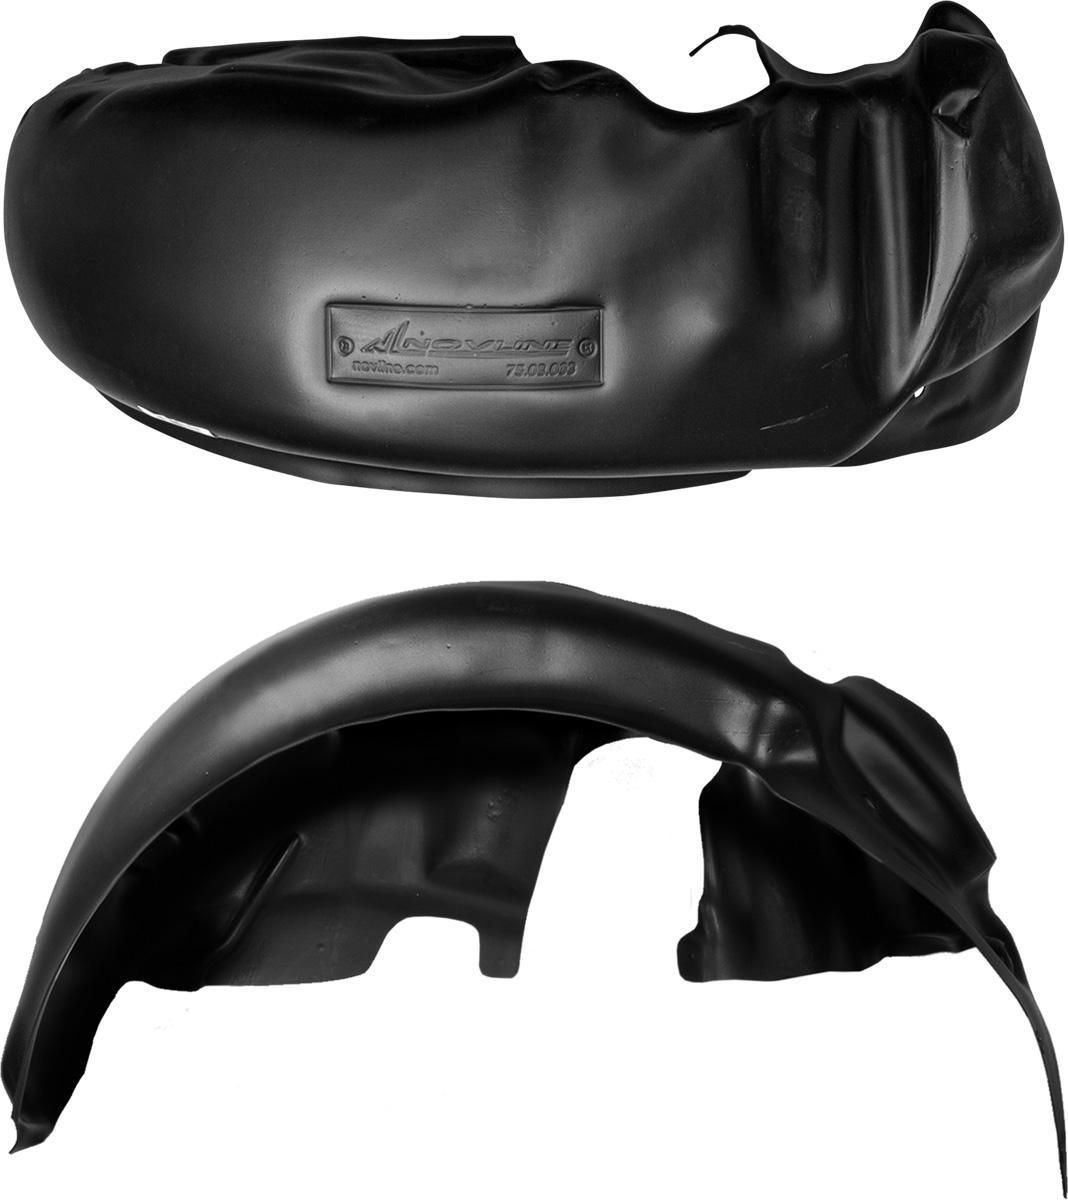 Подкрылок Novline-Autofamily, для Kia Rio, 2011->, седан, задний правыйNLL.25.38.004Колесные ниши – одни из самых уязвимых зон днища вашего автомобиля. Они постоянно подвергаются воздействию со стороны дороги. Лучшая, почти абсолютная защита для них - специально отформованные пластиковые кожухи, которые называются подкрылками, или локерами. Производятся они как для отечественных моделей автомобилей, так и для иномарок. Подкрылки выполнены из высококачественного, экологически чистого пластика. Обеспечивают надежную защиту кузова автомобиля от пескоструйного эффекта и негативного влияния, агрессивных антигололедных реагентов. Пластик обладает более низкой теплопроводностью, чем металл, поэтому в зимний период эксплуатации использование пластиковых подкрылков позволяет лучше защитить колесные ниши от налипания снега и образования наледи. Оригинальность конструкции подчеркивает элегантность автомобиля, бережно защищает нанесенное на днище кузова антикоррозийное покрытие и позволяет осуществить крепление подкрылков внутри колесной арки практически без дополнительного крепежа и сверления, не нарушая при этом лакокрасочного покрытия, что предотвращает возникновение новых очагов коррозии. Технология крепления подкрылков на иномарки принципиально отличается от крепления на российские автомобили и разрабатывается индивидуально для каждой модели автомобиля. Подкрылки долговечны, обладают высокой прочностью и сохраняют заданную форму, а также все свои физико-механические характеристики в самых тяжелых климатических условиях ( от -50° С до + 50° С).